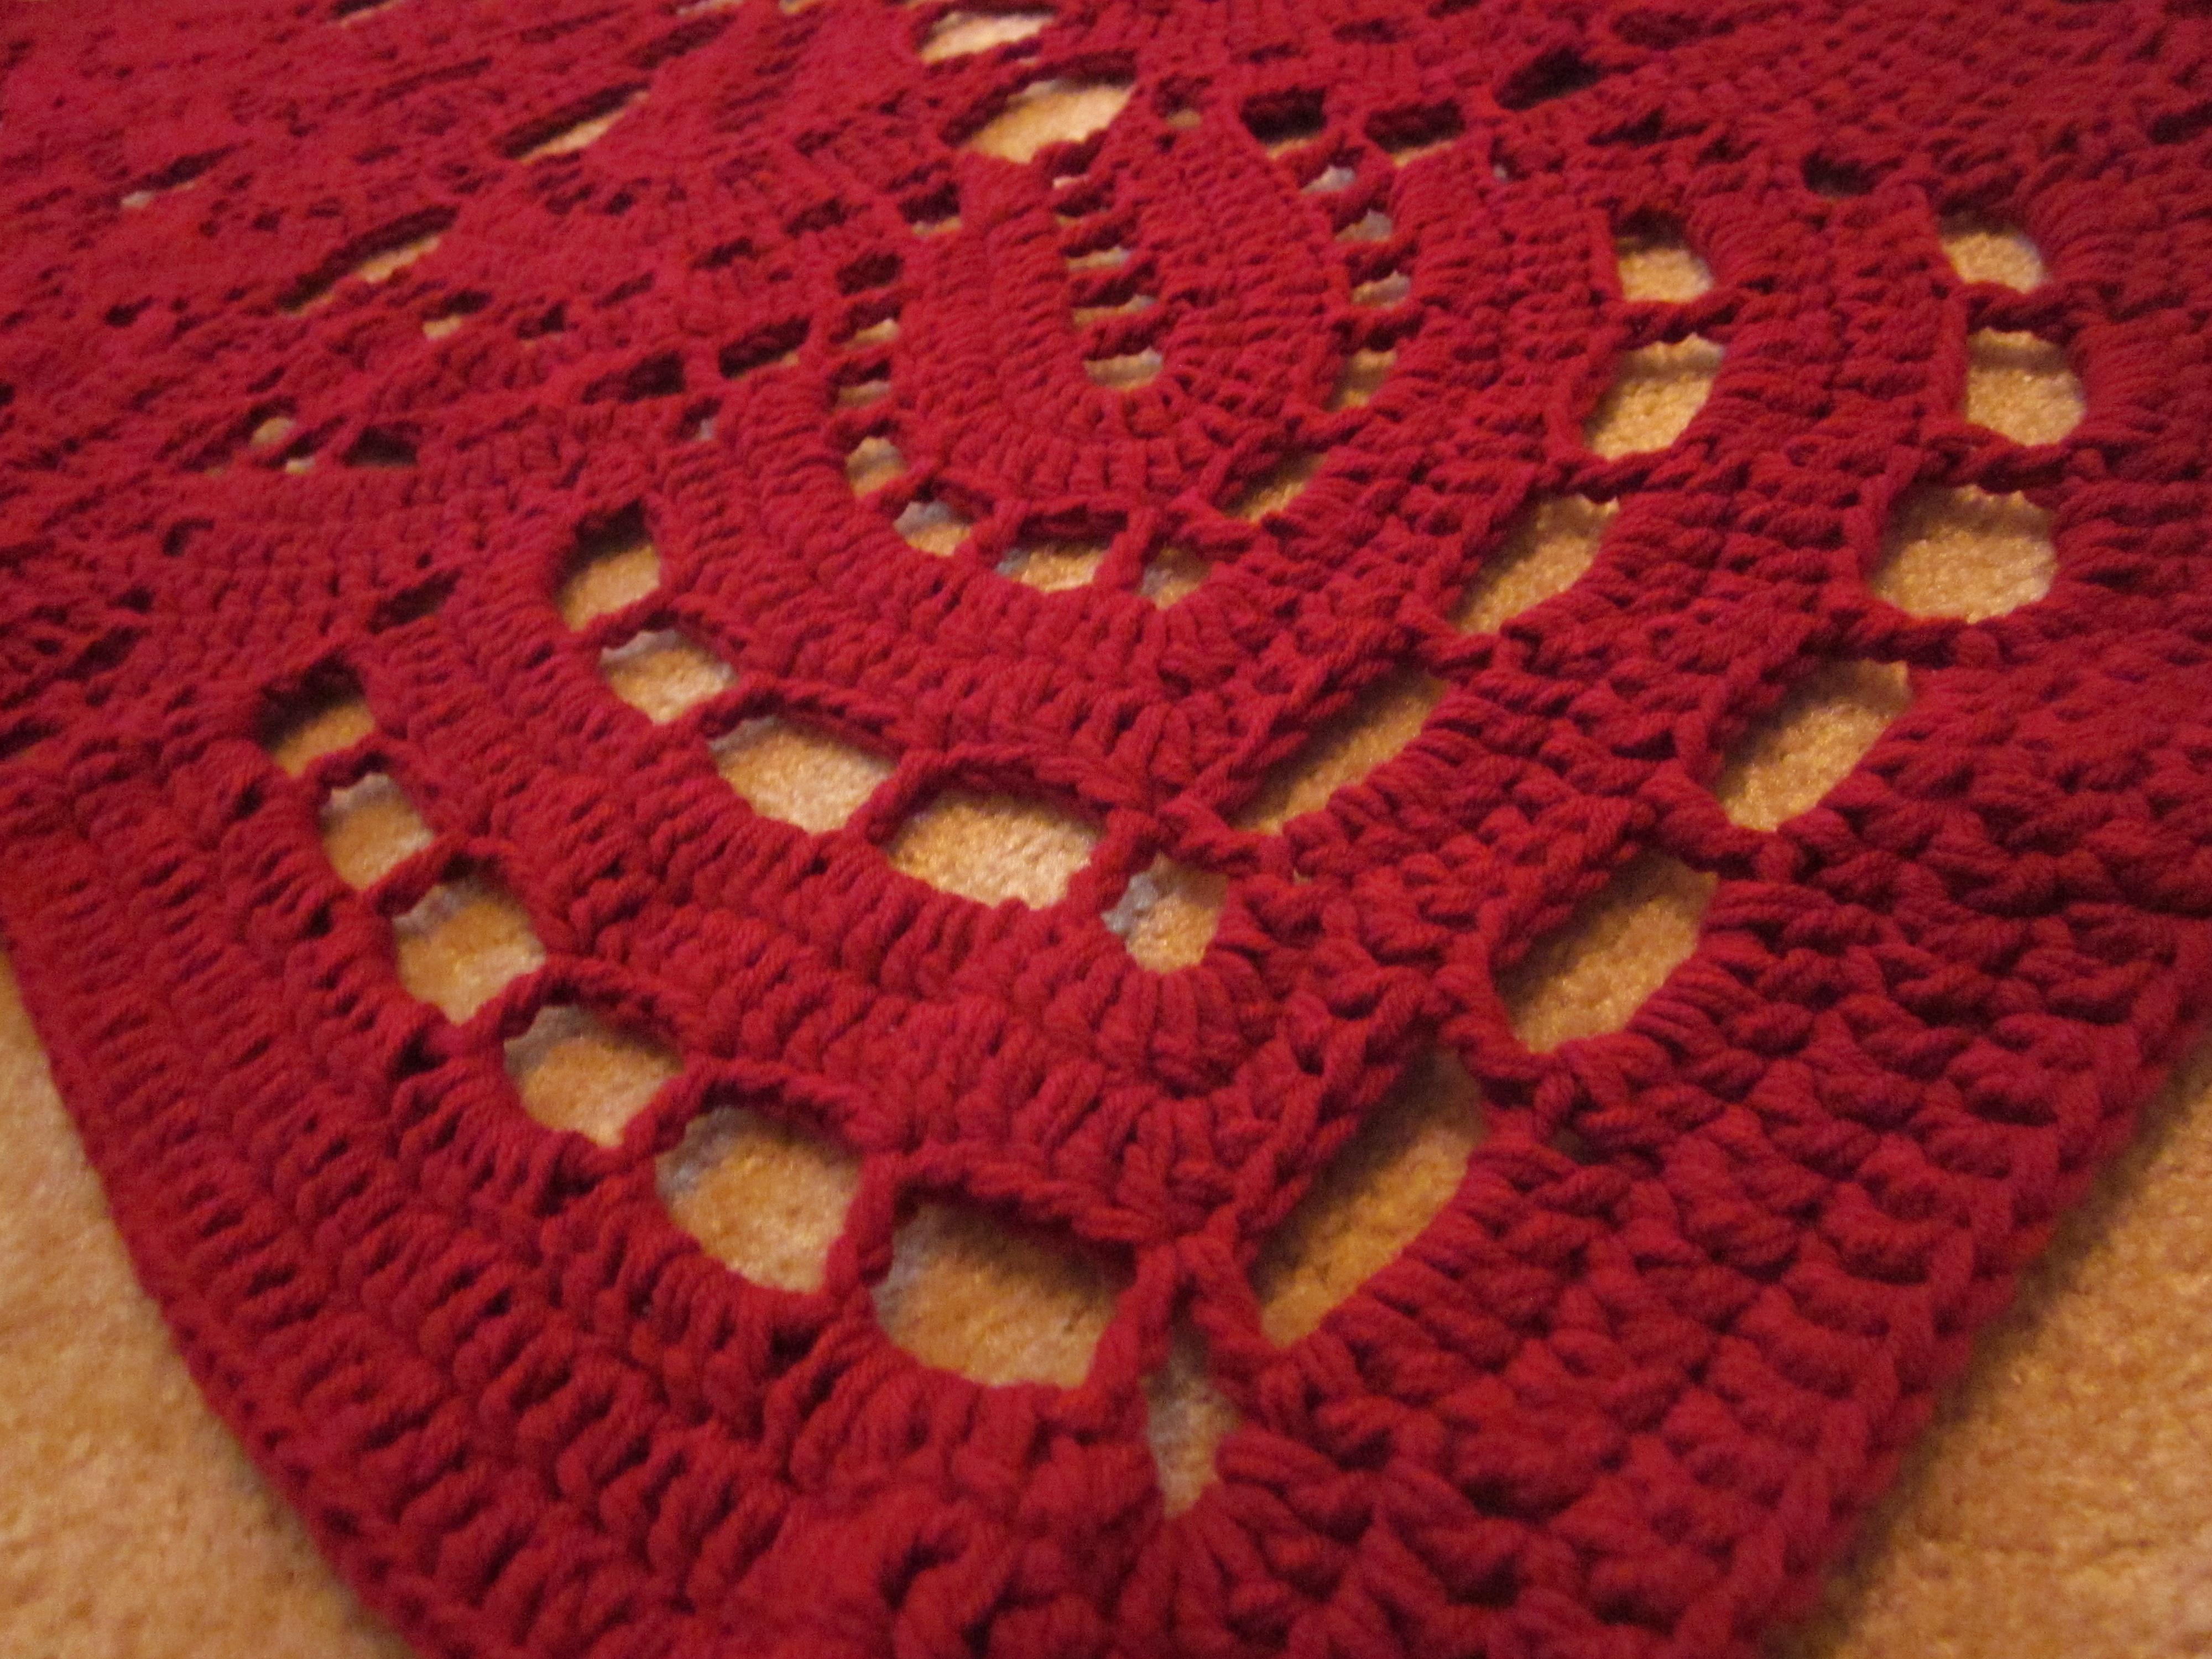 kitchen rugs red  kitchen ideas -  kitchen rugs red photo